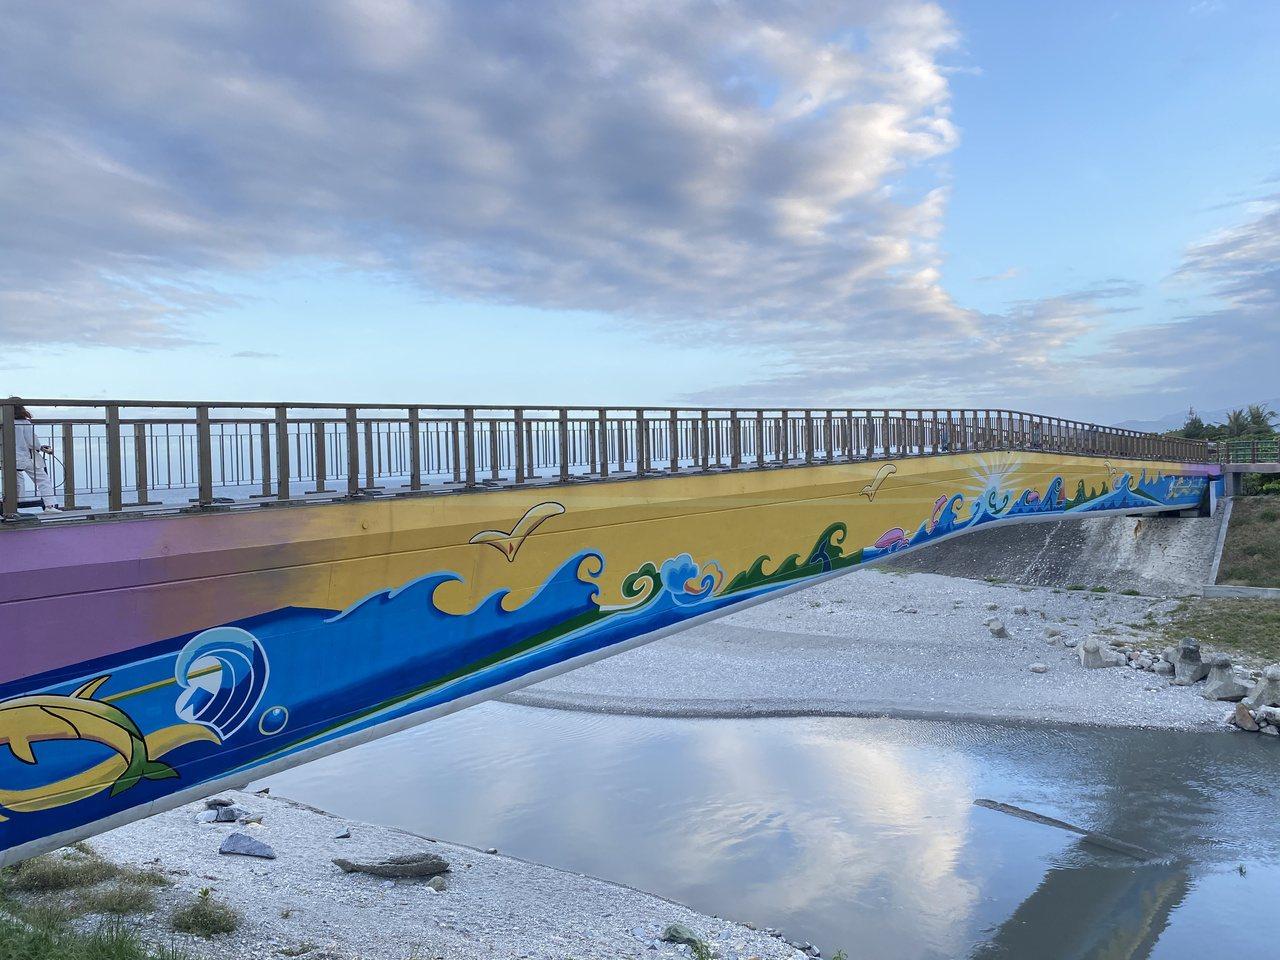 花蓮吉安海濱公園有一座普照橋,代表東邊太陽升起時陽光普照,橋梁連接南濱海堤和化仁...